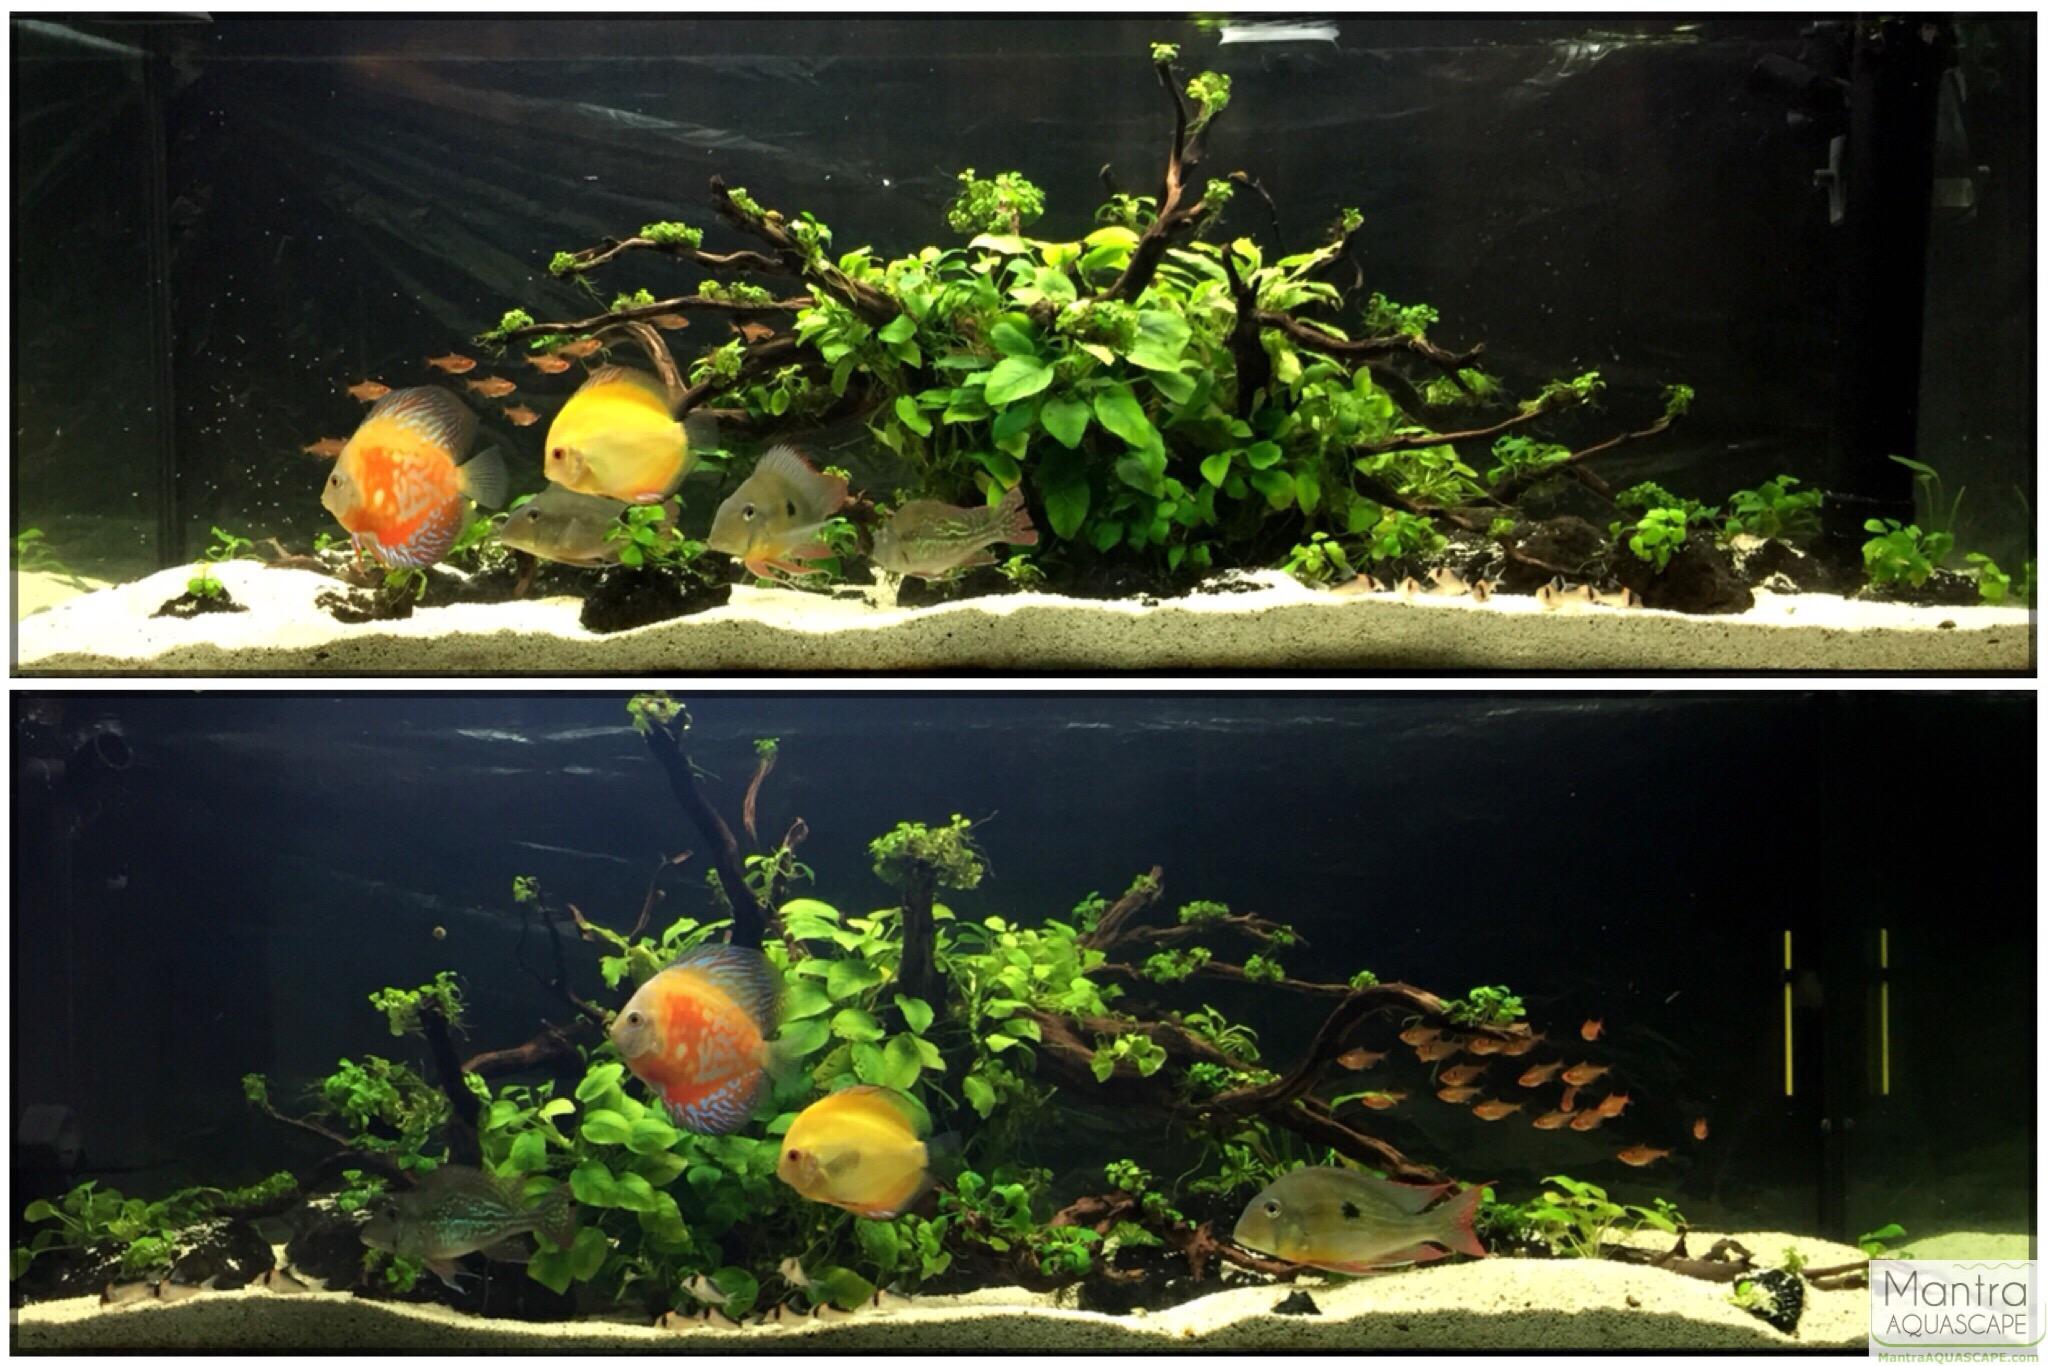 Cichlid forum geophagus winemilleri discus planted tank for Plante aquarium